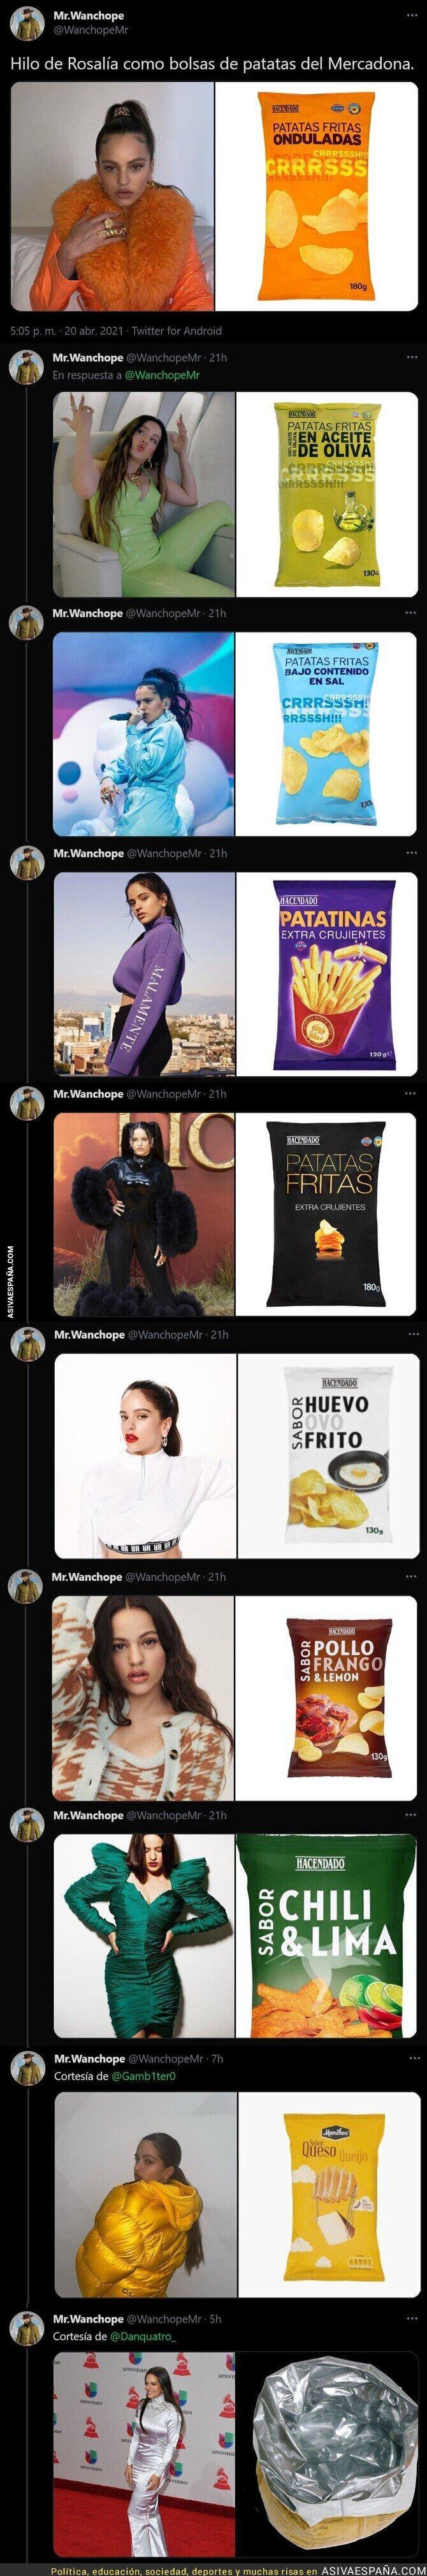 710608 - Recopilan todos los vestidos de Rosalía comparados a patatas fritas del Mercadona